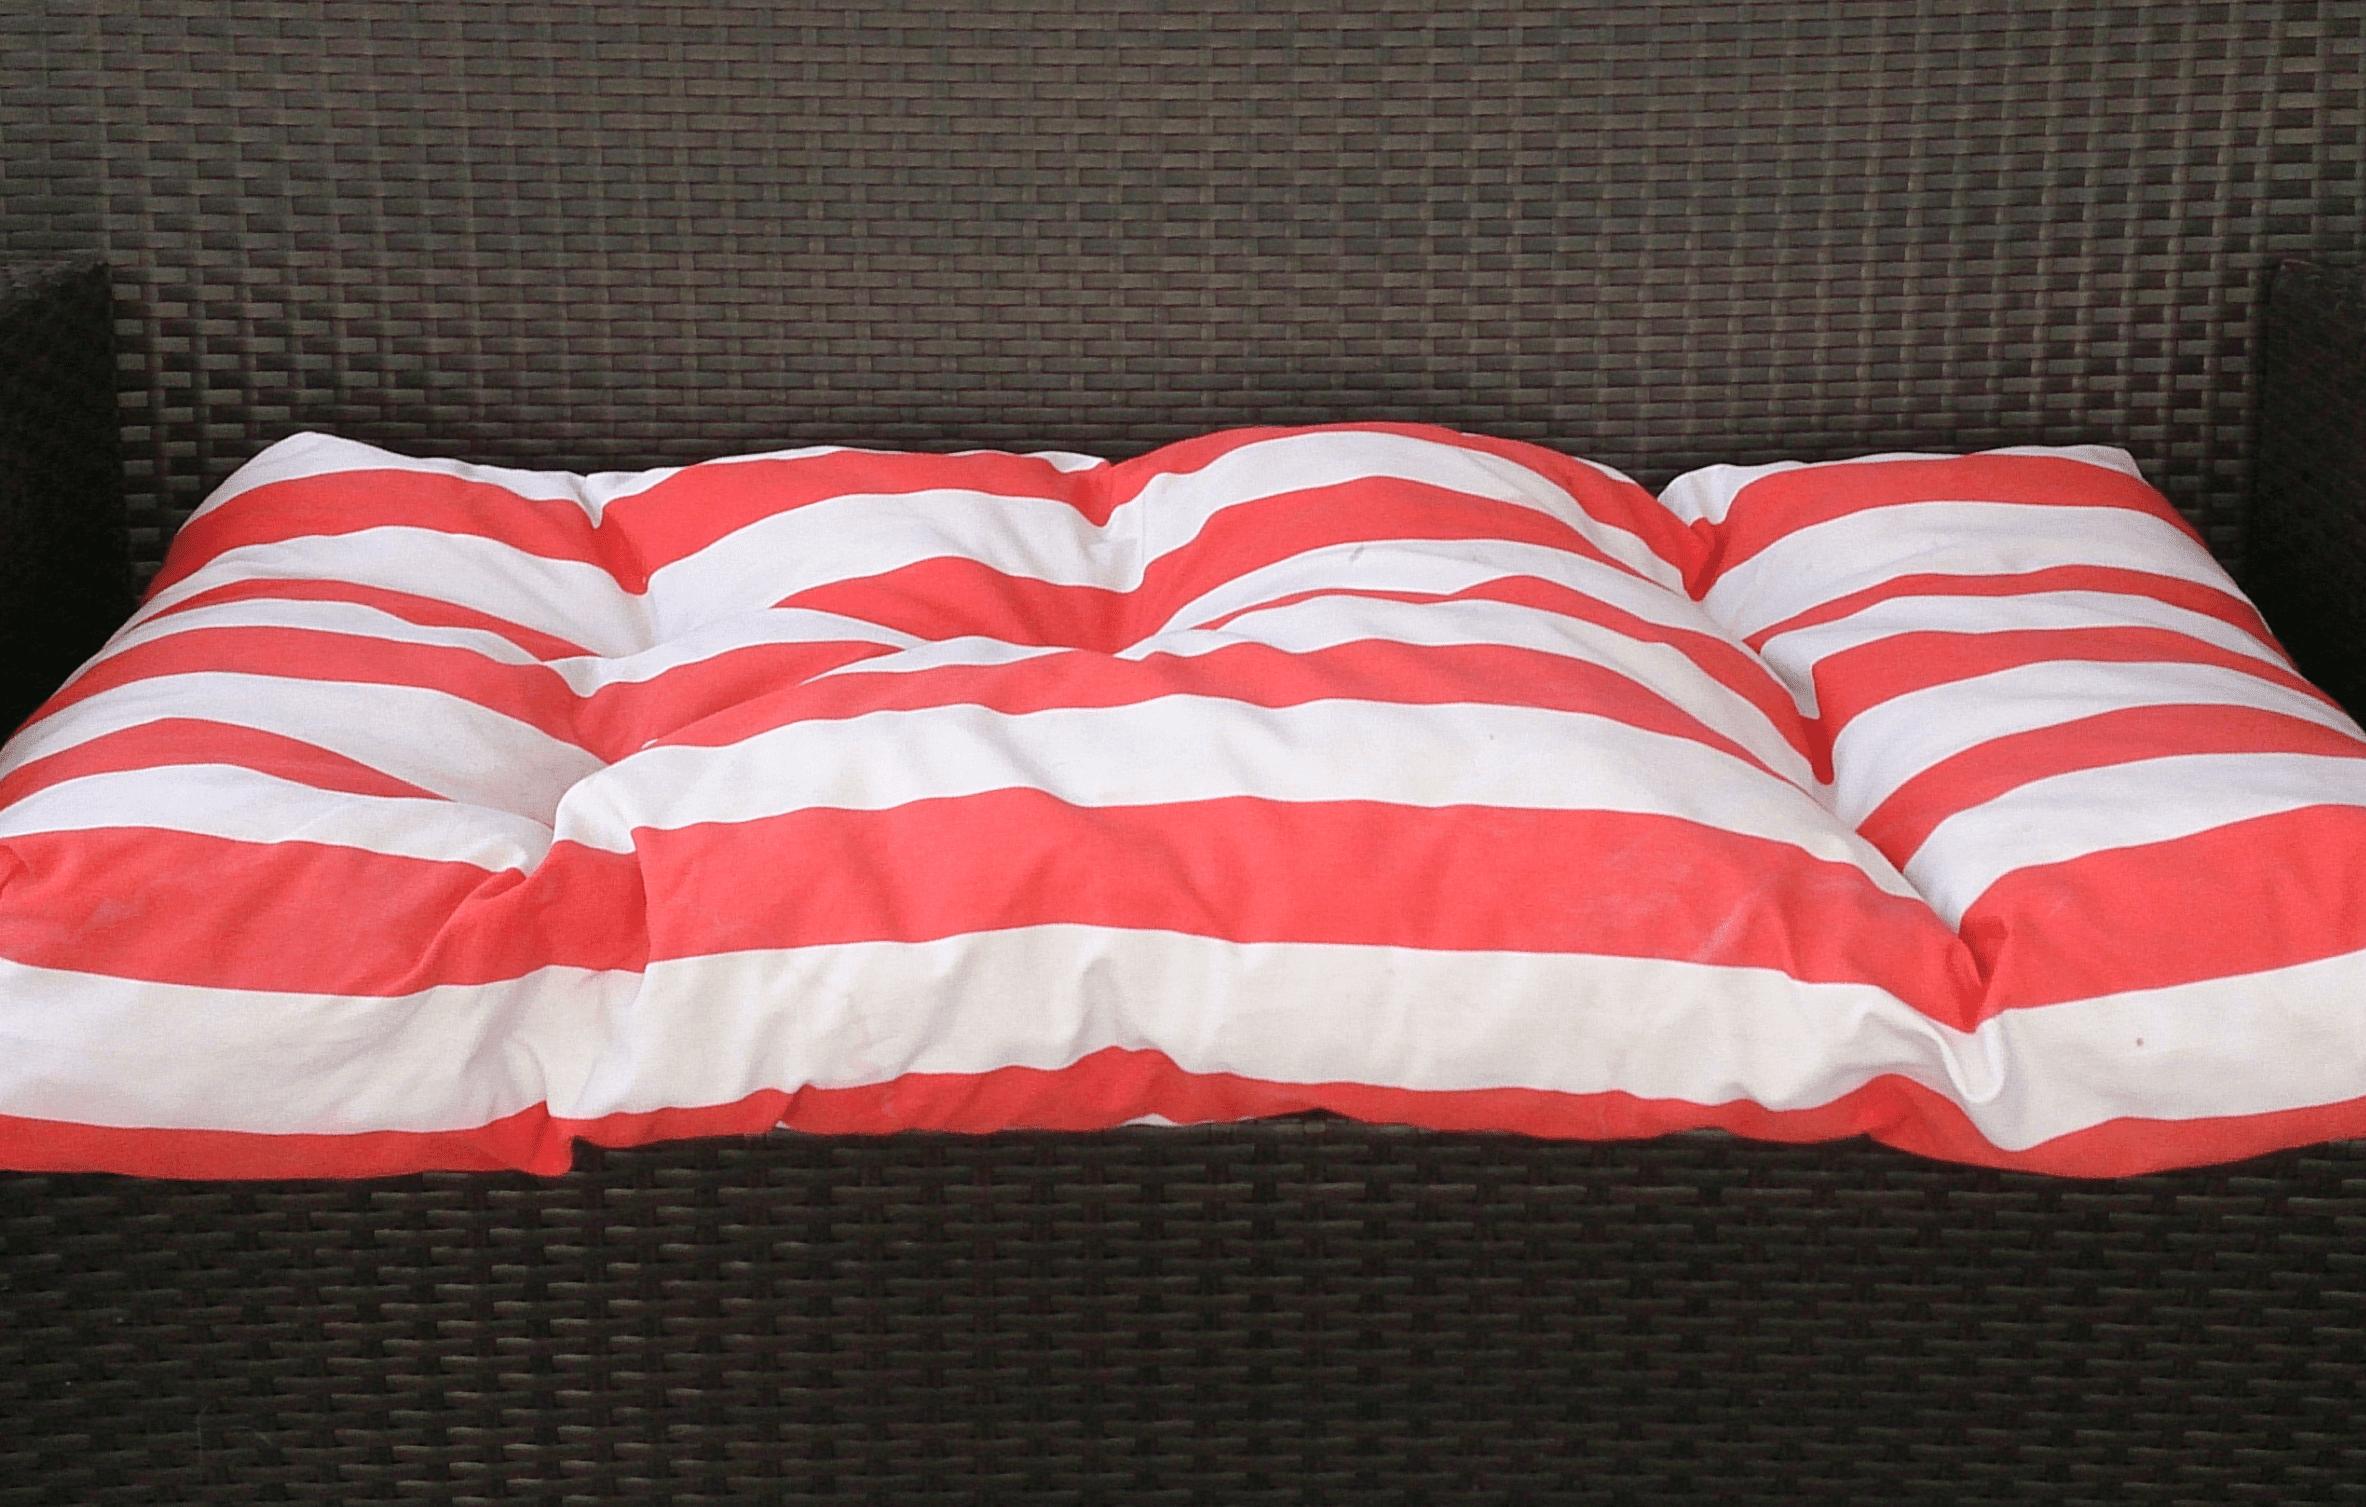 Colchoneta de rayas para un sofá de exterior